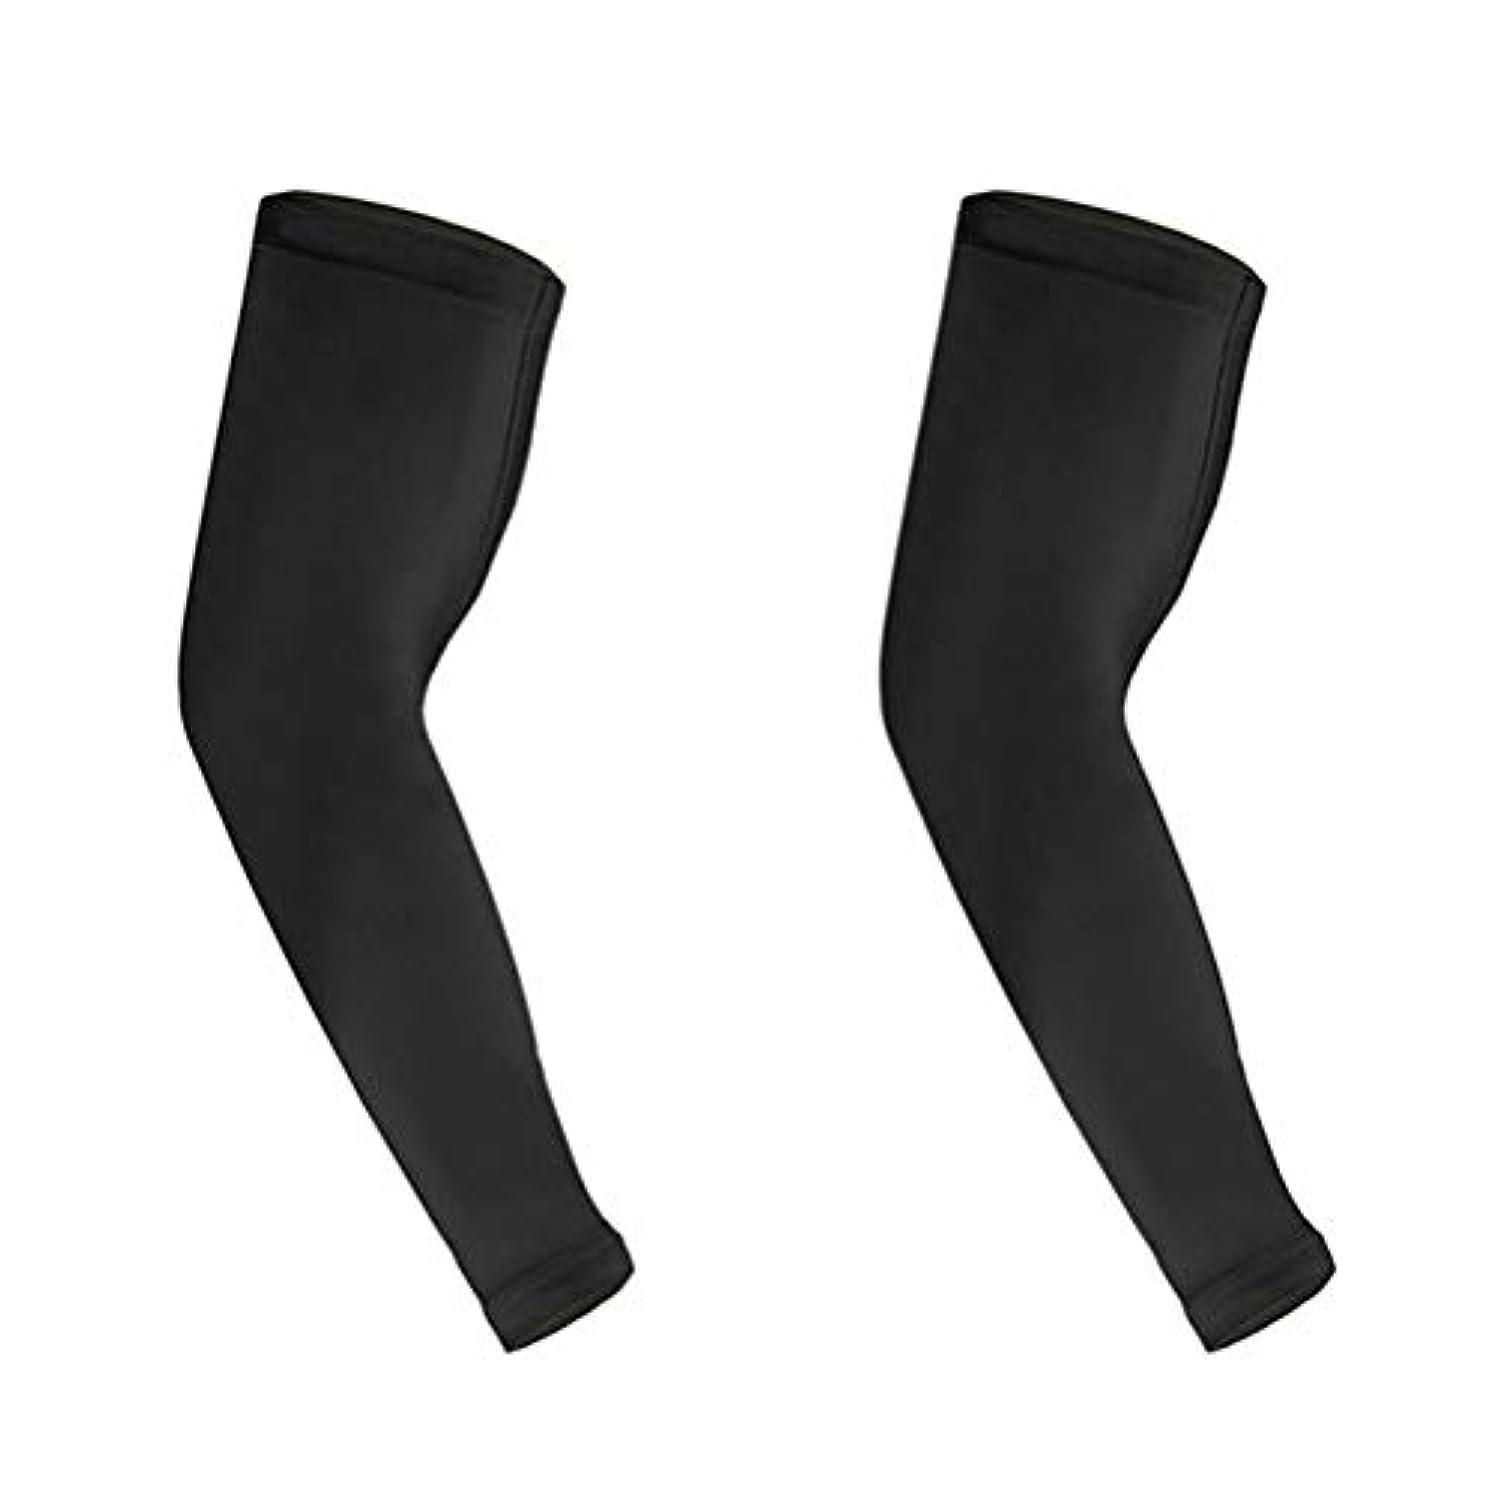 全能スペアライナーHEALIFTY 男性用スポーツアームスリーブエルボースリーブロングエルボーサポートスリーブL 2本(ブラック)